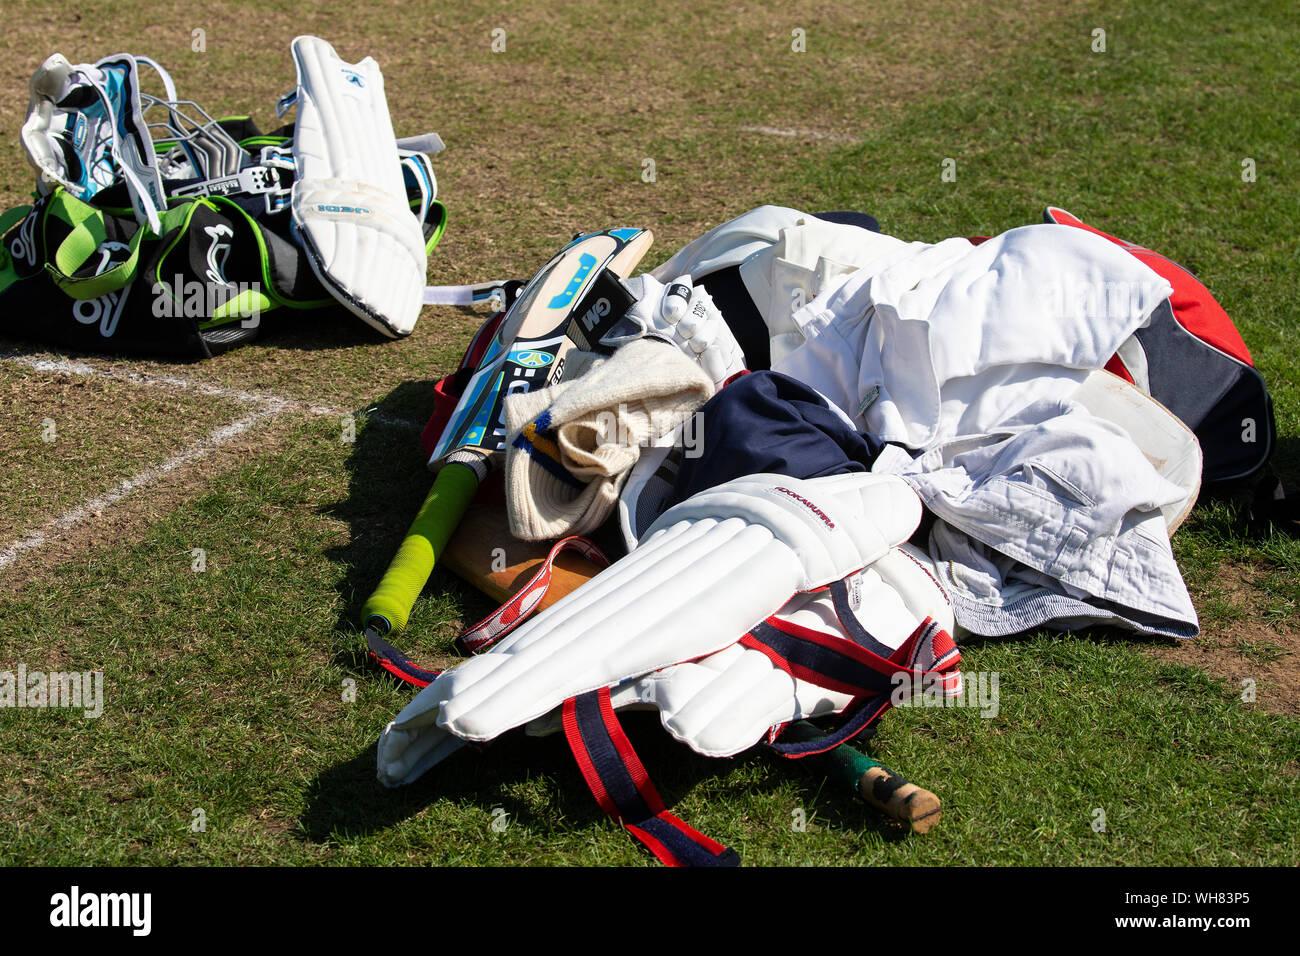 Como surtido de cricket acostado sobre la marcha wicket y tono durante una pausa en el juego Foto de stock